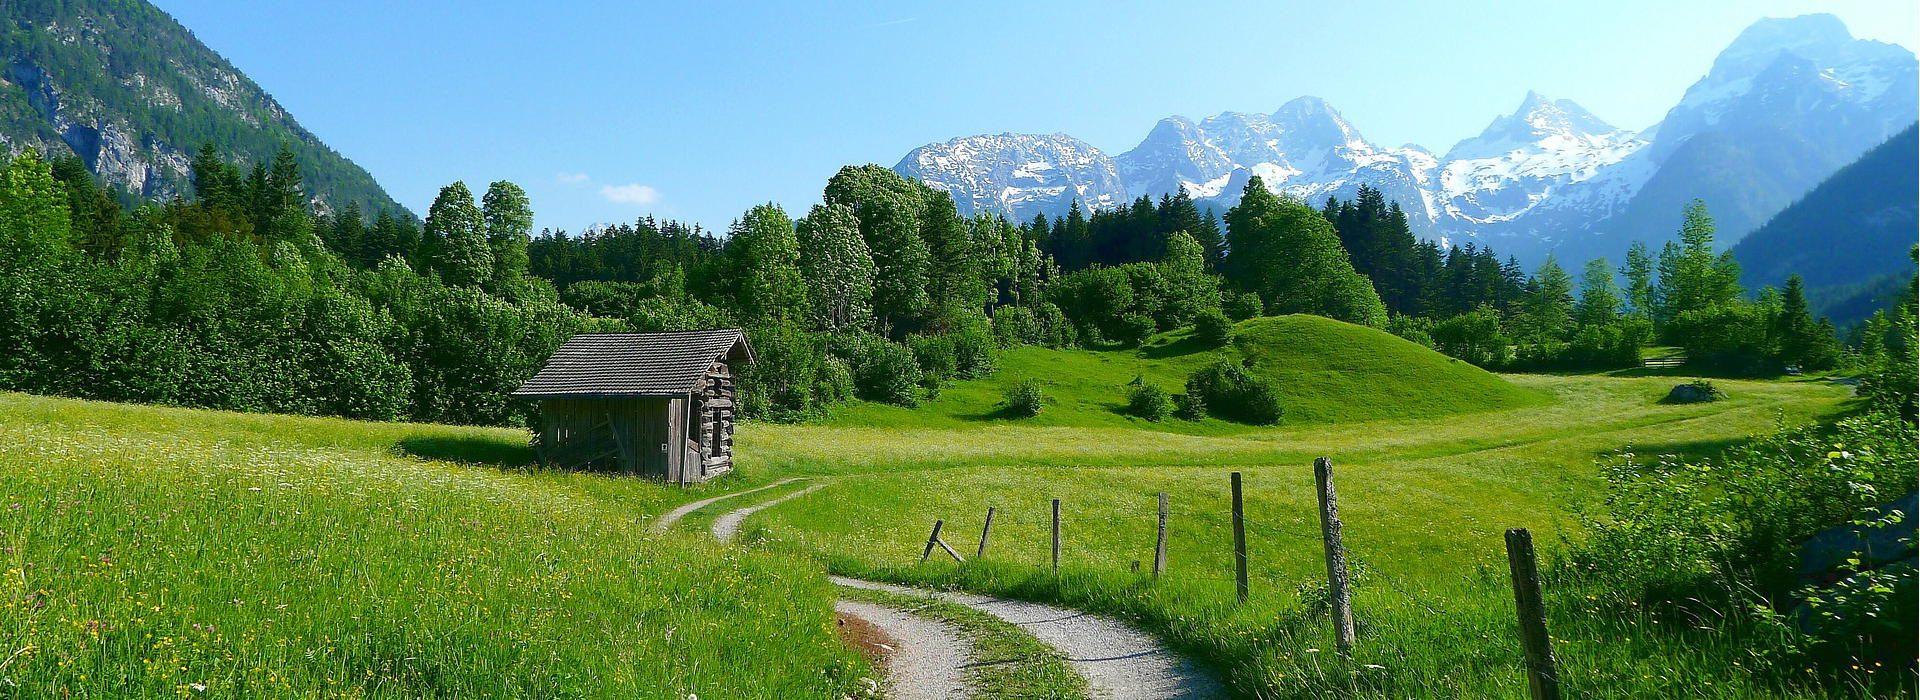 Freizeit and Ausflug